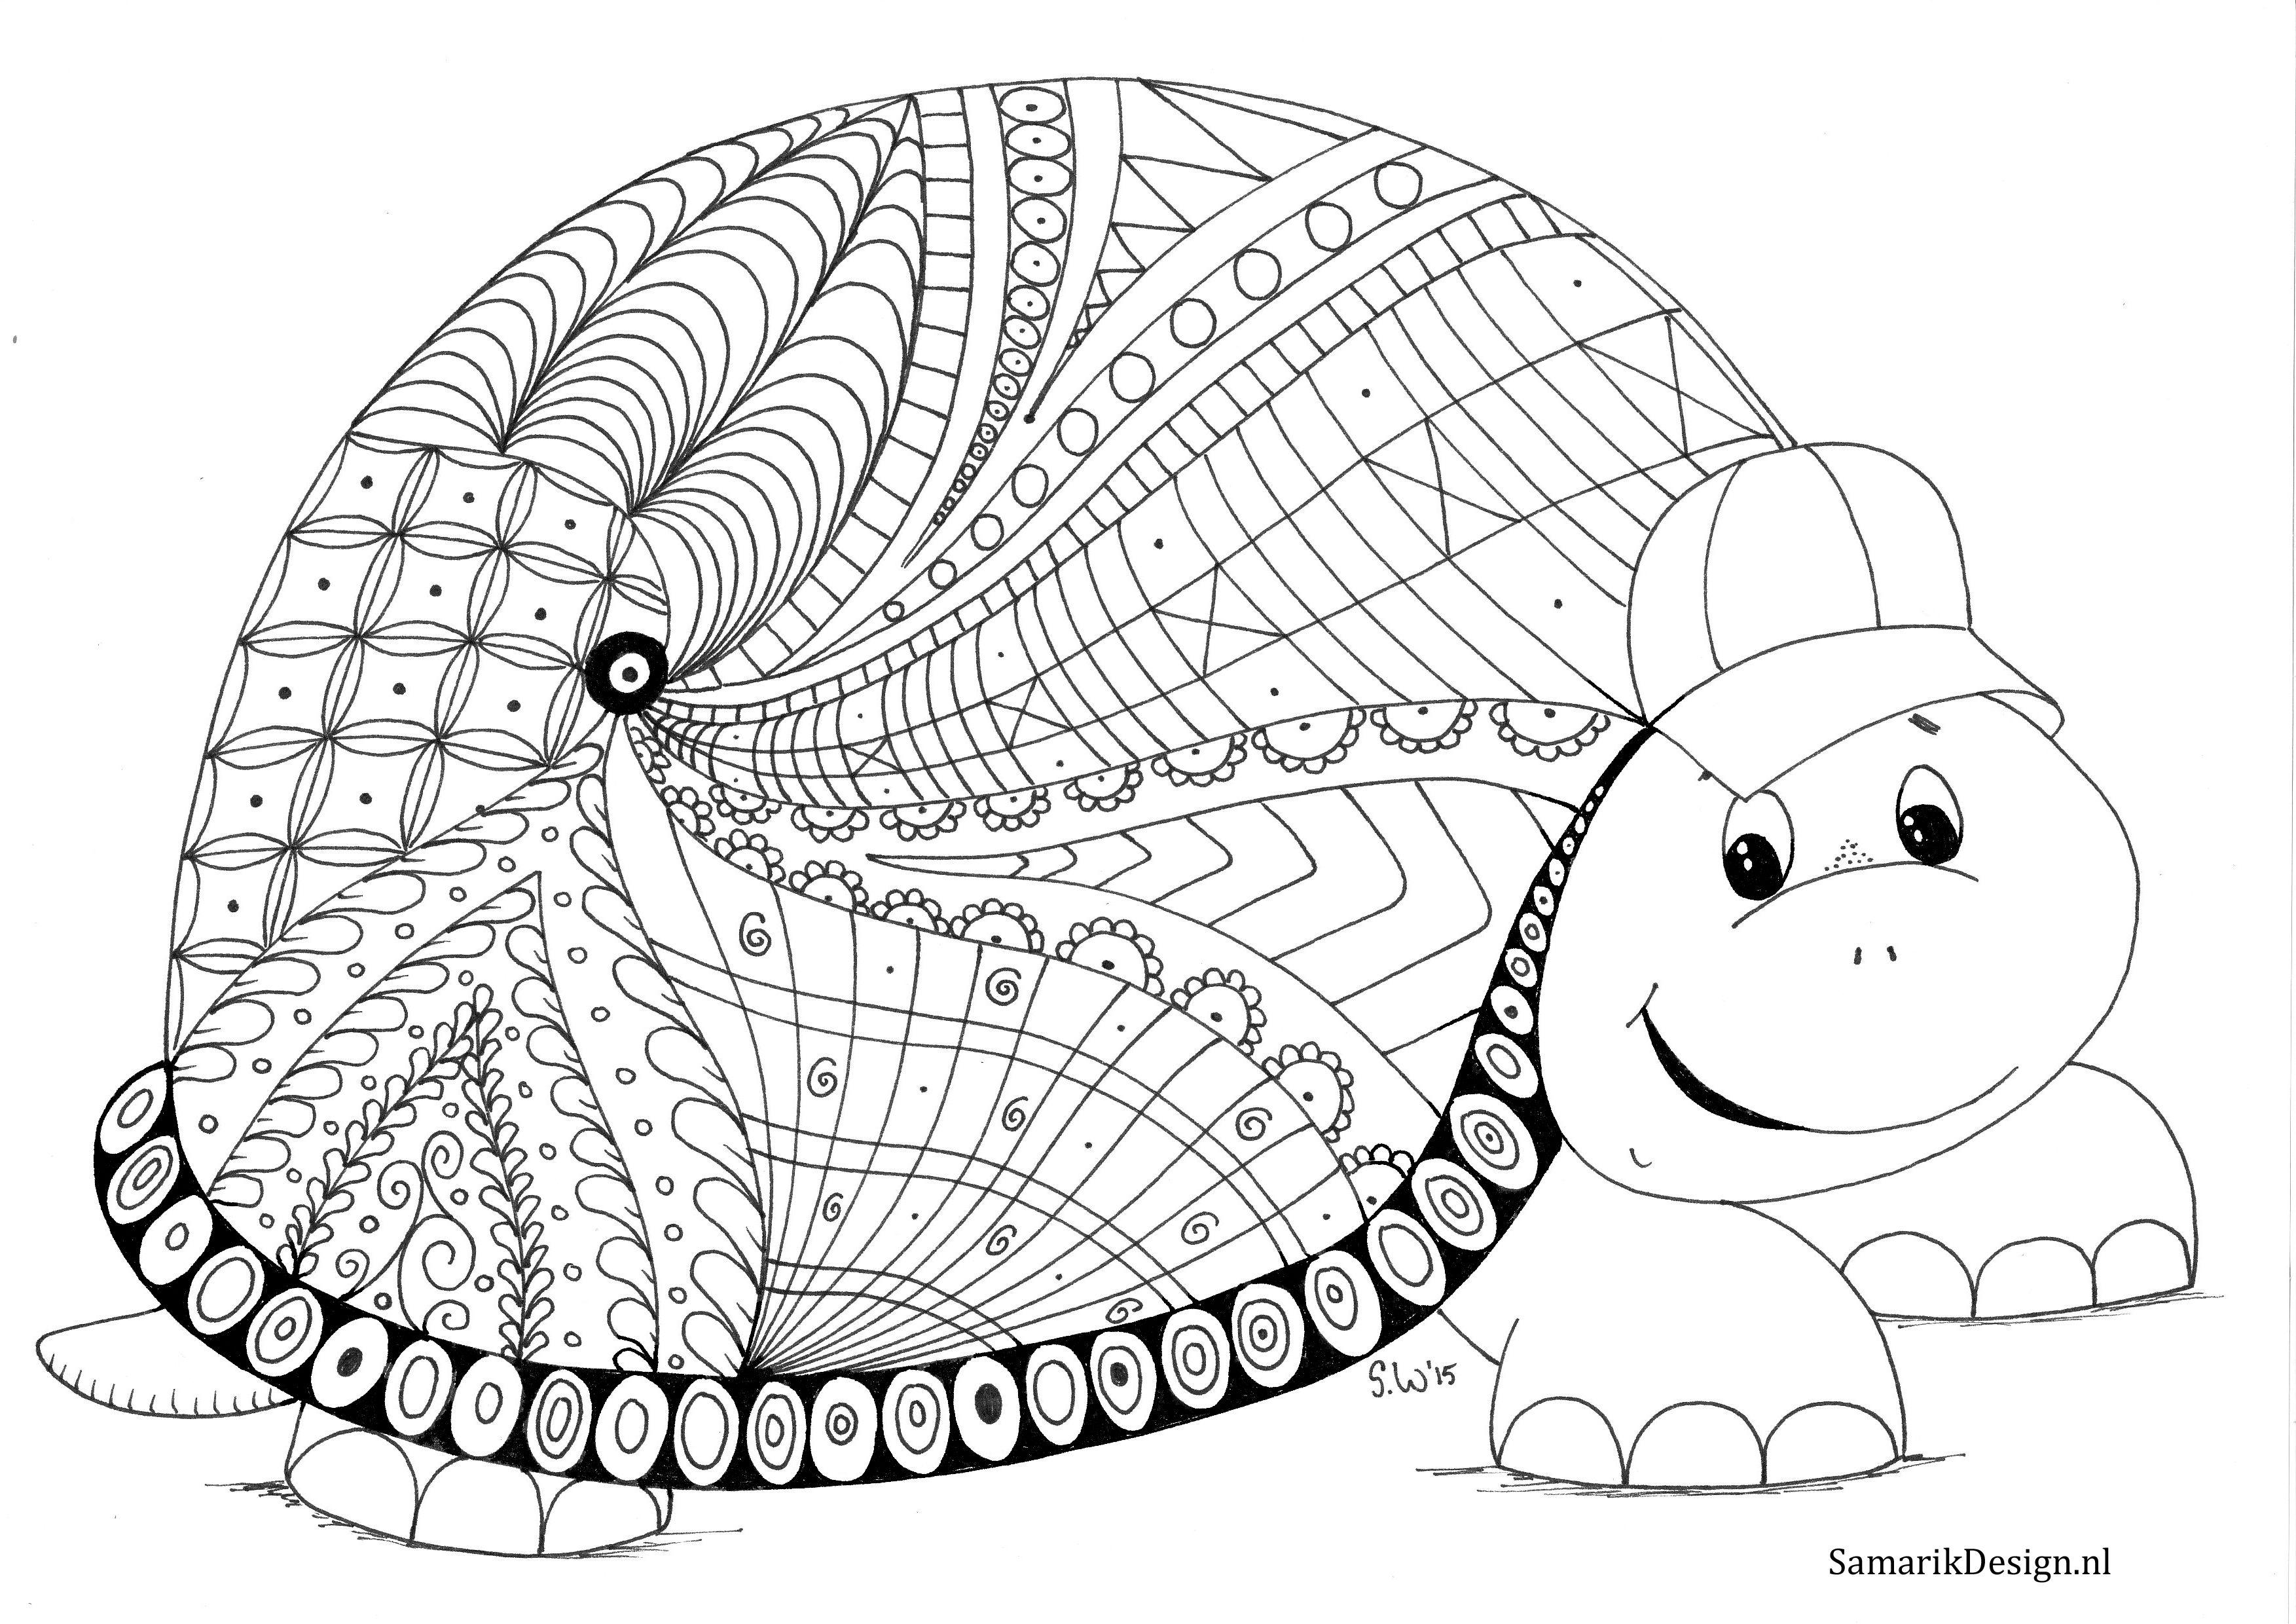 Schildpad Doodle Kleurplaten Kleurplaten Voor Volwassenen Schildpad